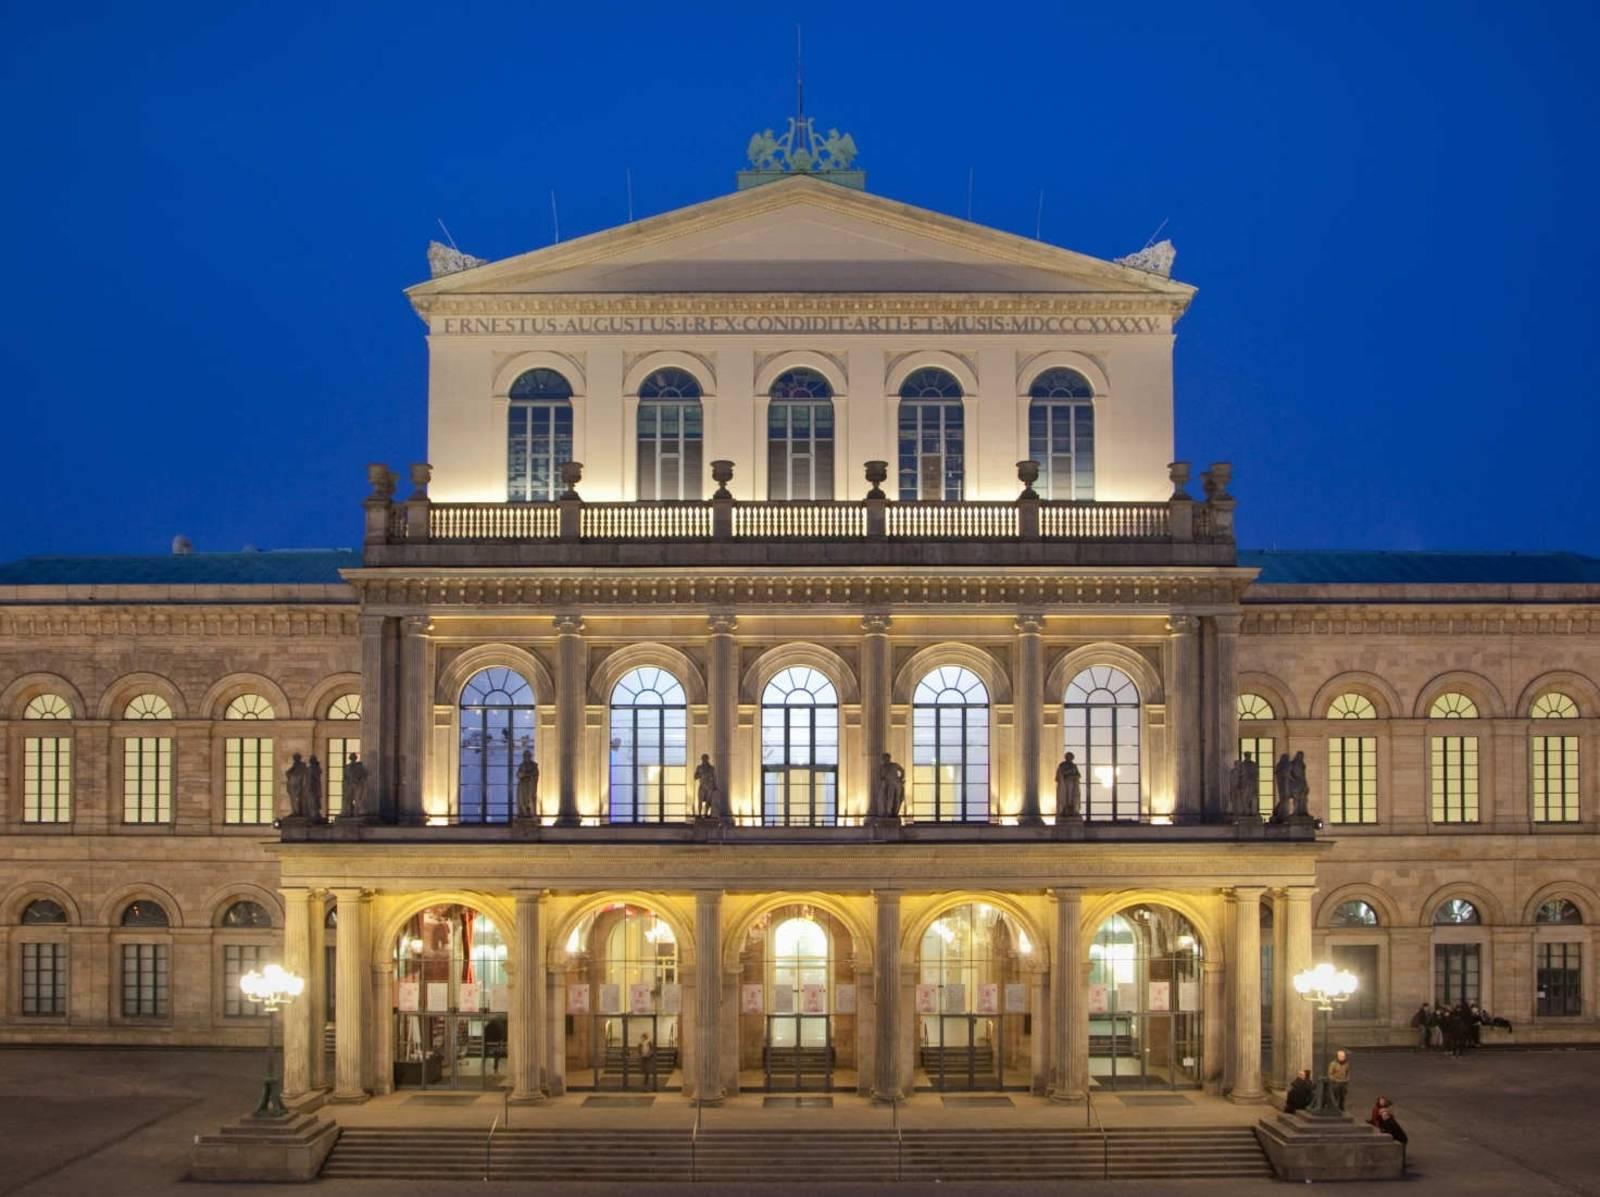 Das erleuchtete Opernhaus in der Frontansicht bei Nacht.